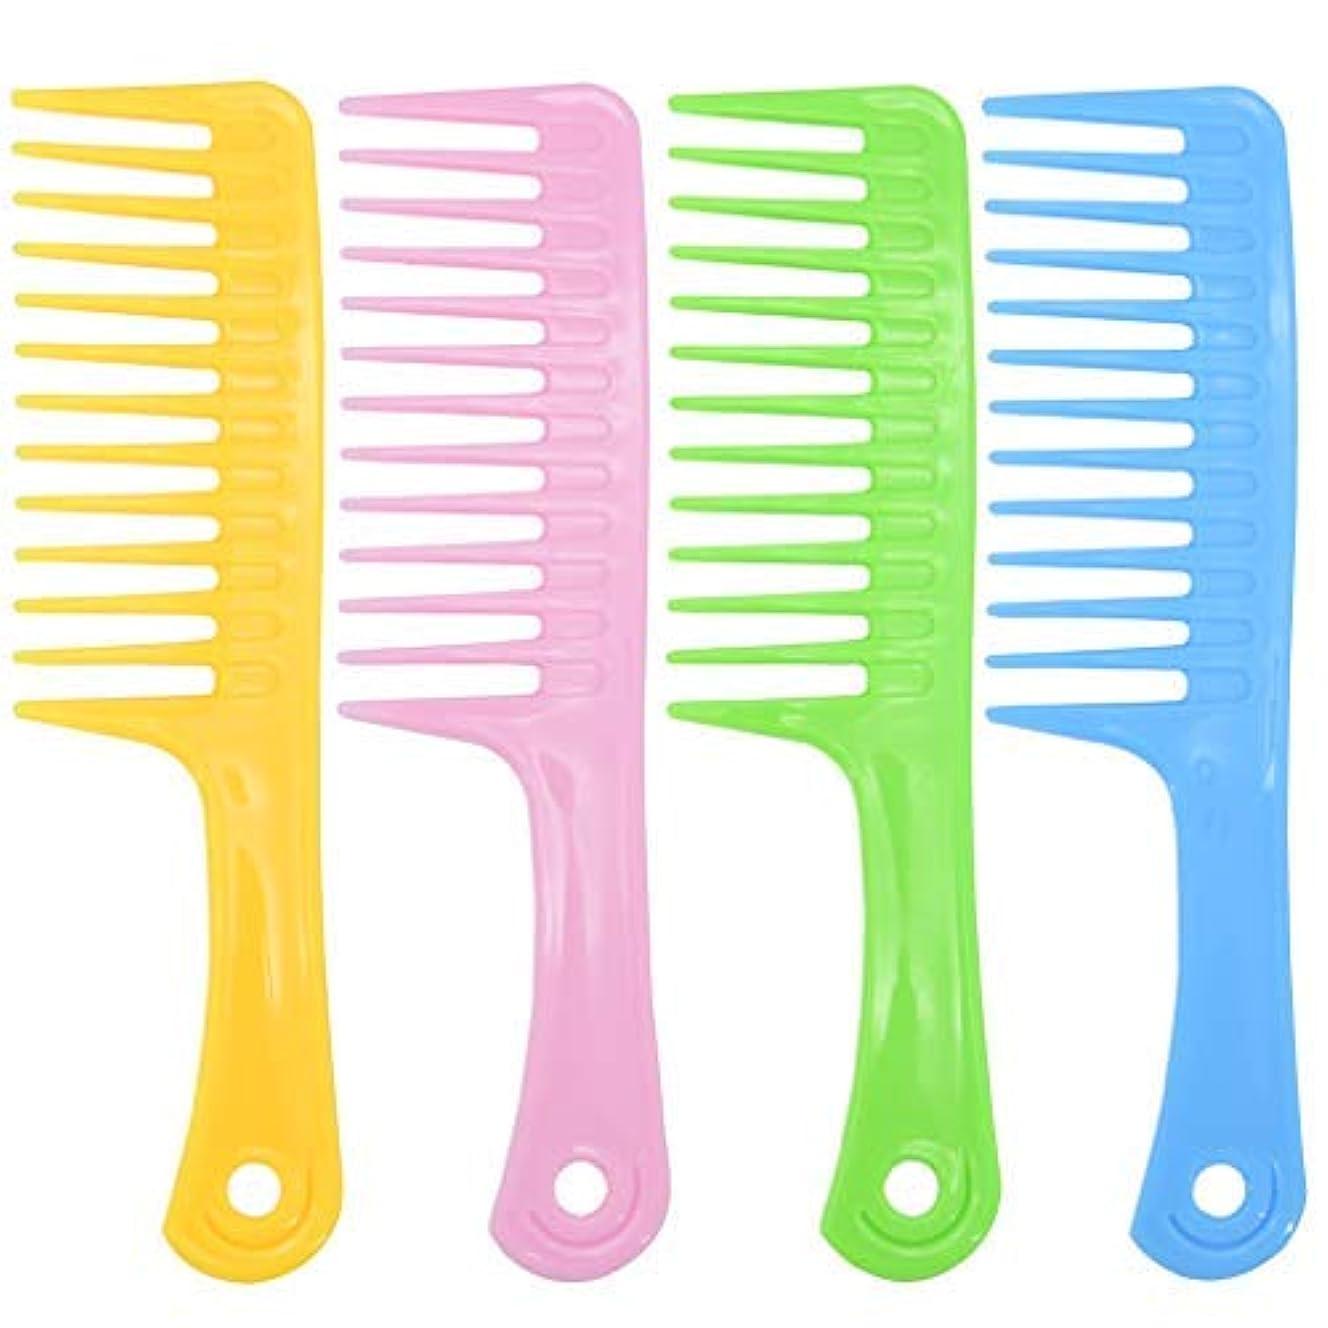 リンケージアレキサンダーグラハムベルアイデアAncefine 8 Pieces Large Tooth Detangle Comb Anti-static Wide Hair Salon Shampoo Comb for Thick,Long and Curl Hair...